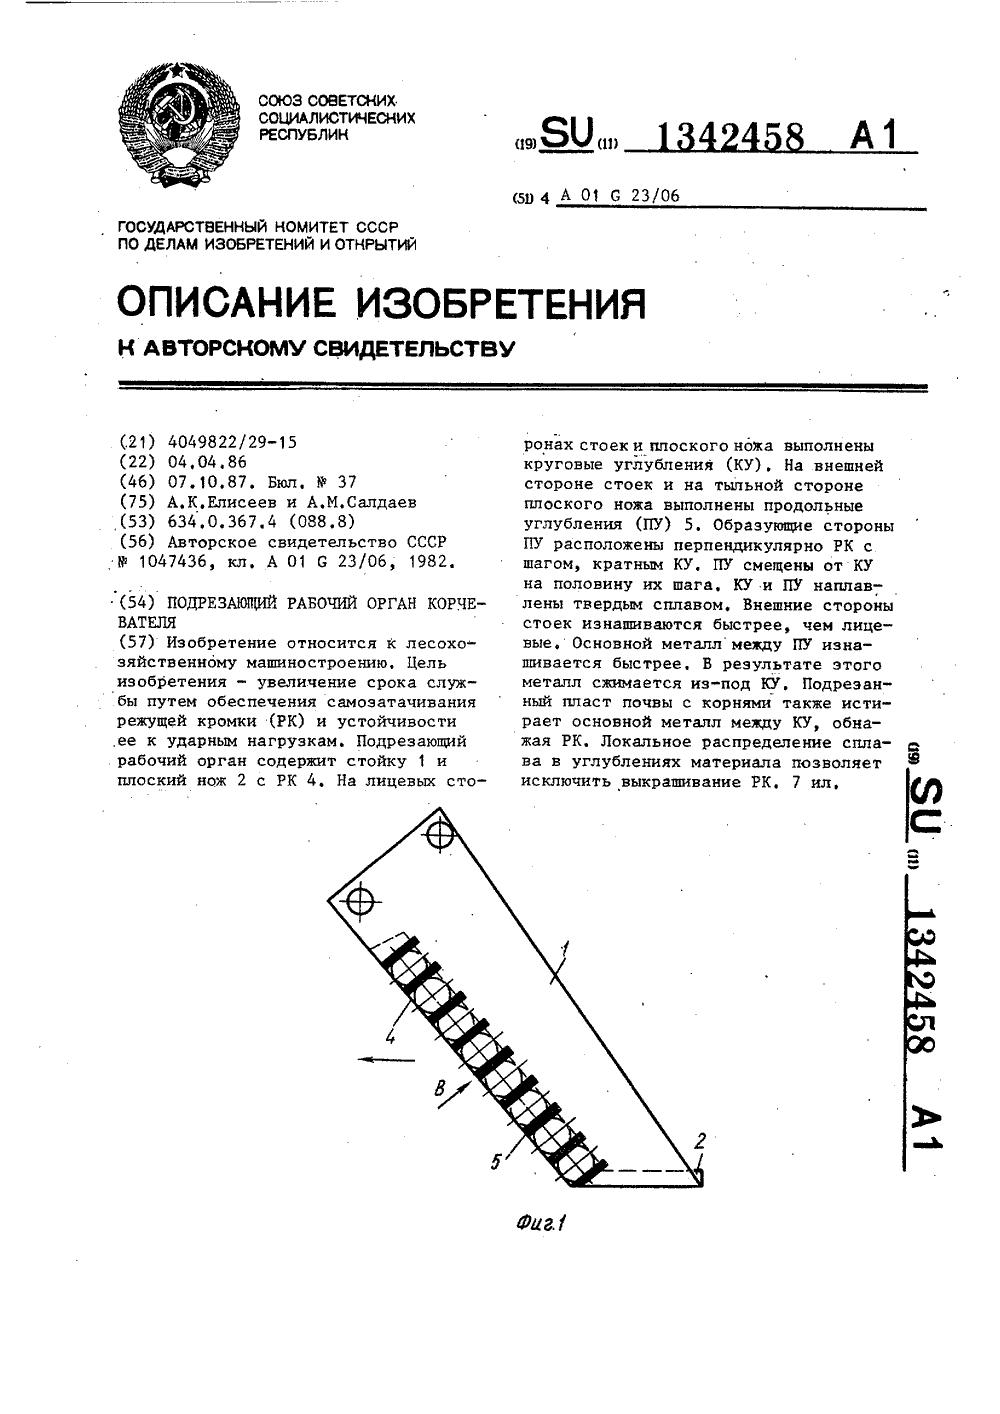 Офтальмодинамометрия